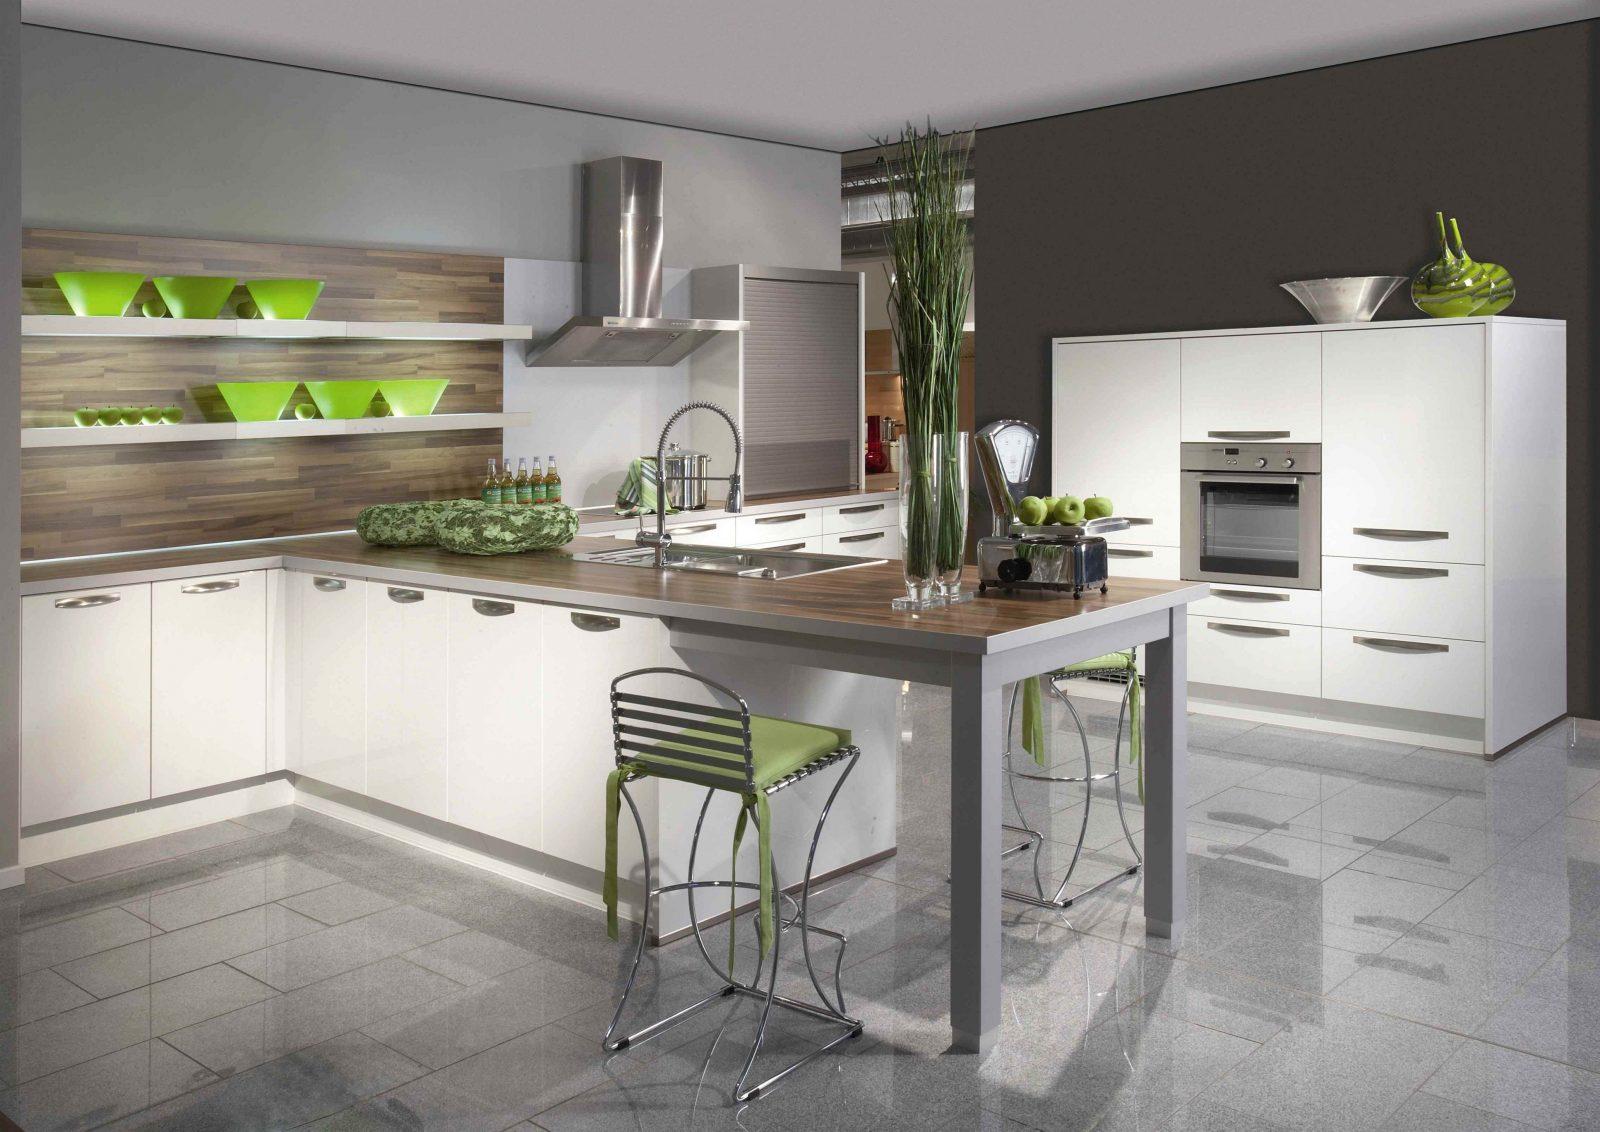 Erstaunlich Küche Streichen Farbe Ideen Imposing Streich Ideen Kã von Wände Streichen Ideen Küche Bild